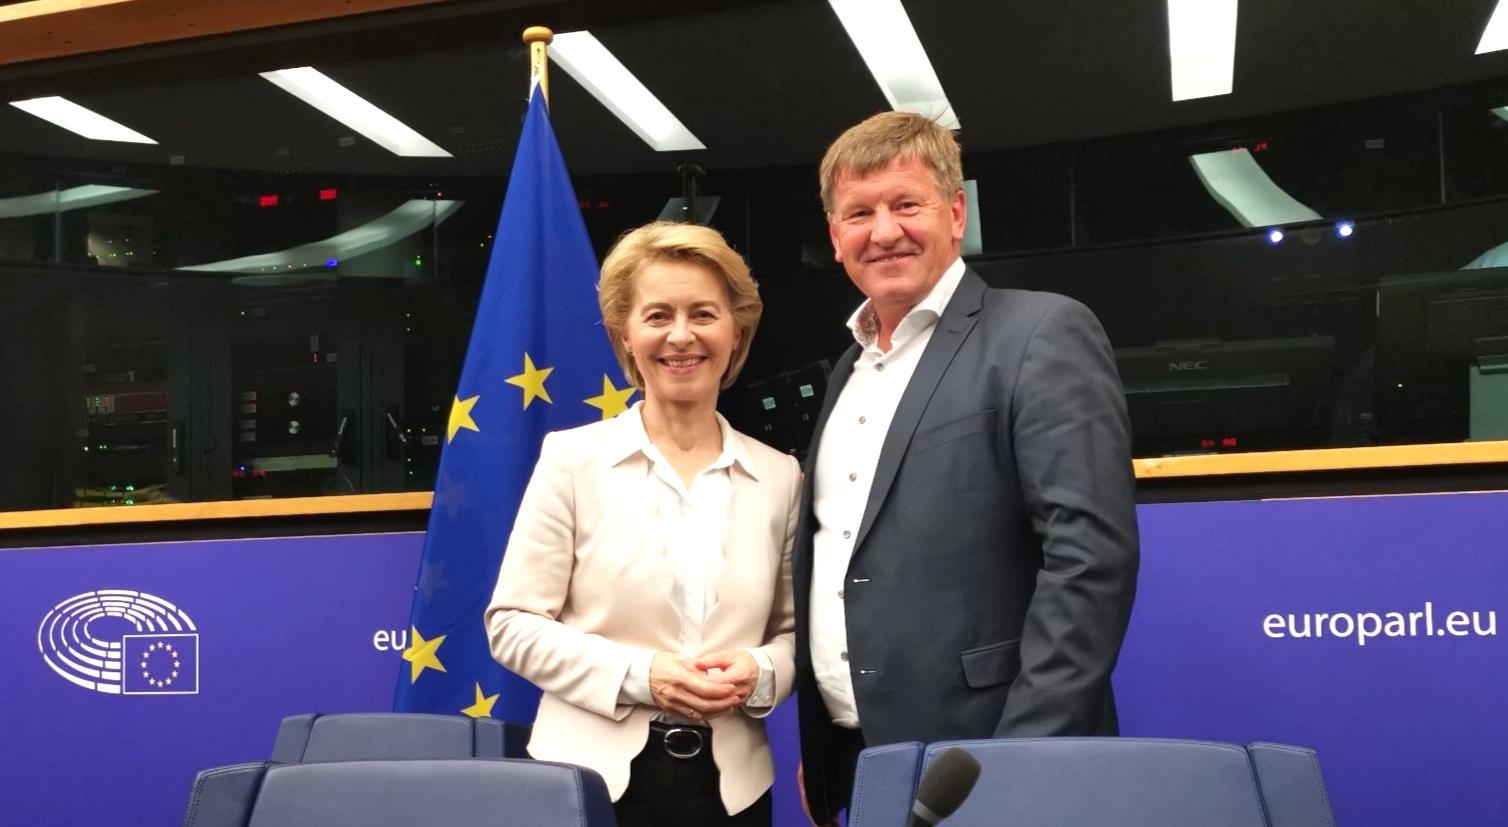 Franc Bogovič: Evropski način življenja zelo cenim in ga ne bi zamenjal za nobenega drugega